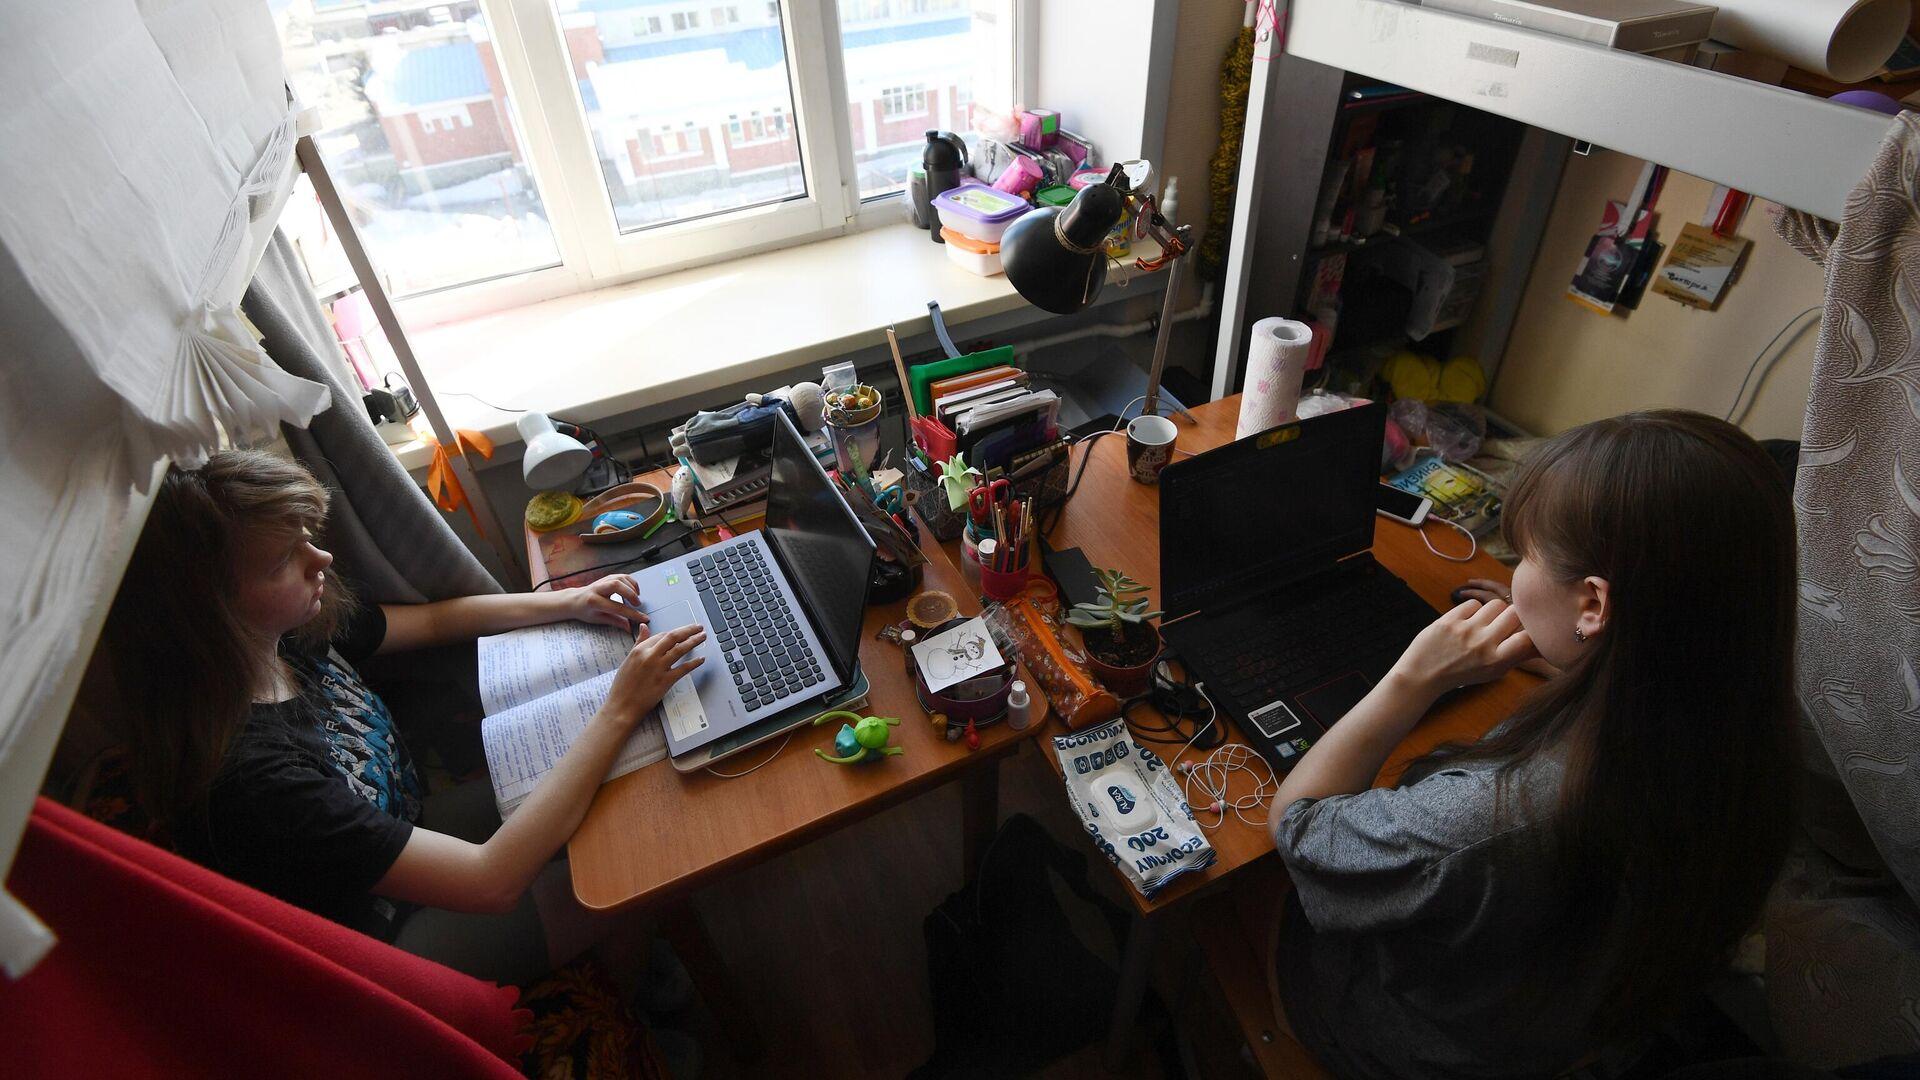 Студенты Новосибирского государственного технического университета (НГТУ) в своей комнате в общежитии вуза - РИА Новости, 1920, 17.11.2020